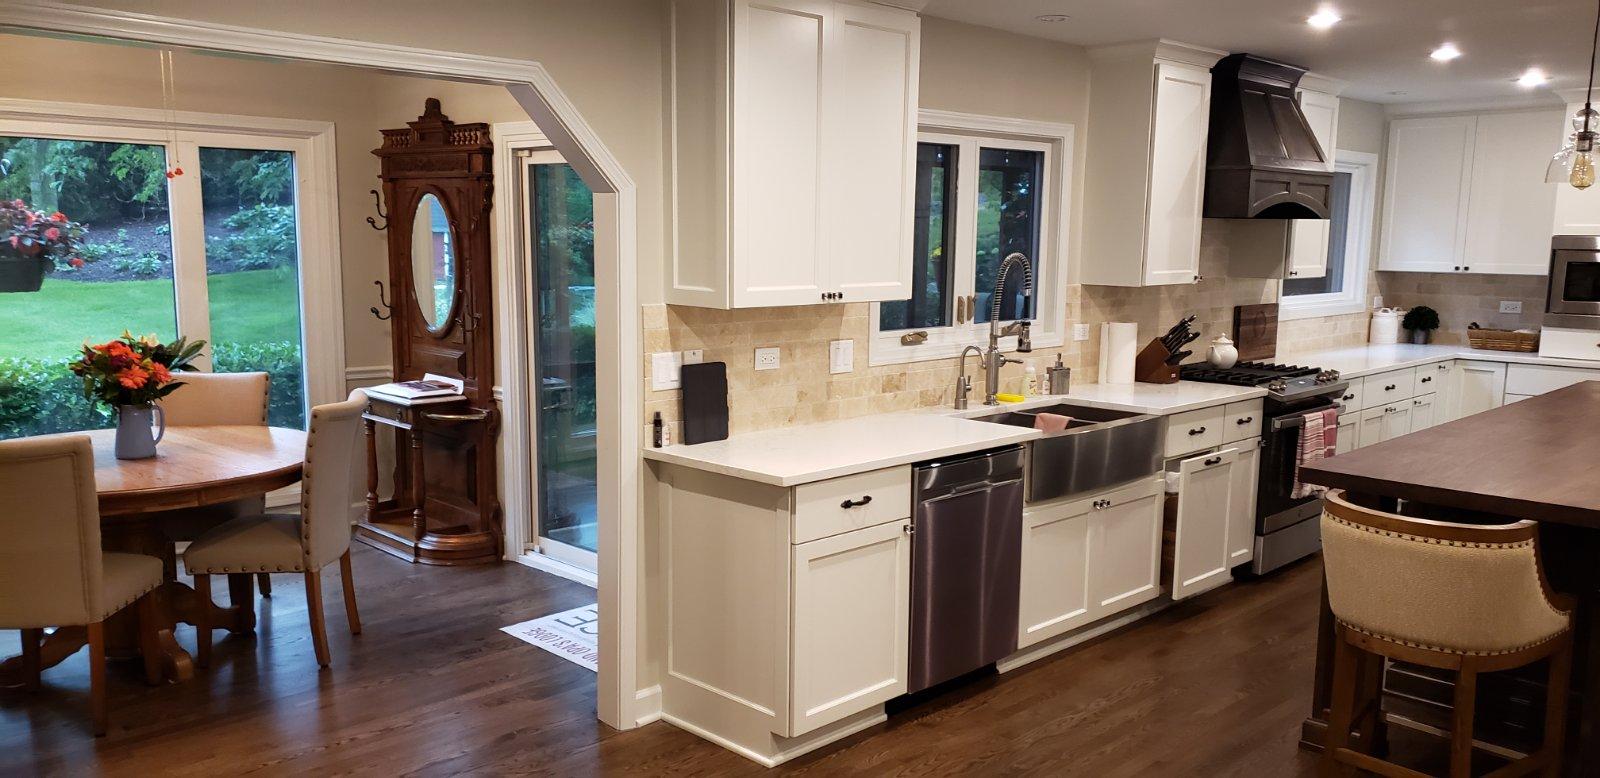 Barrington - Kitchen remodeling